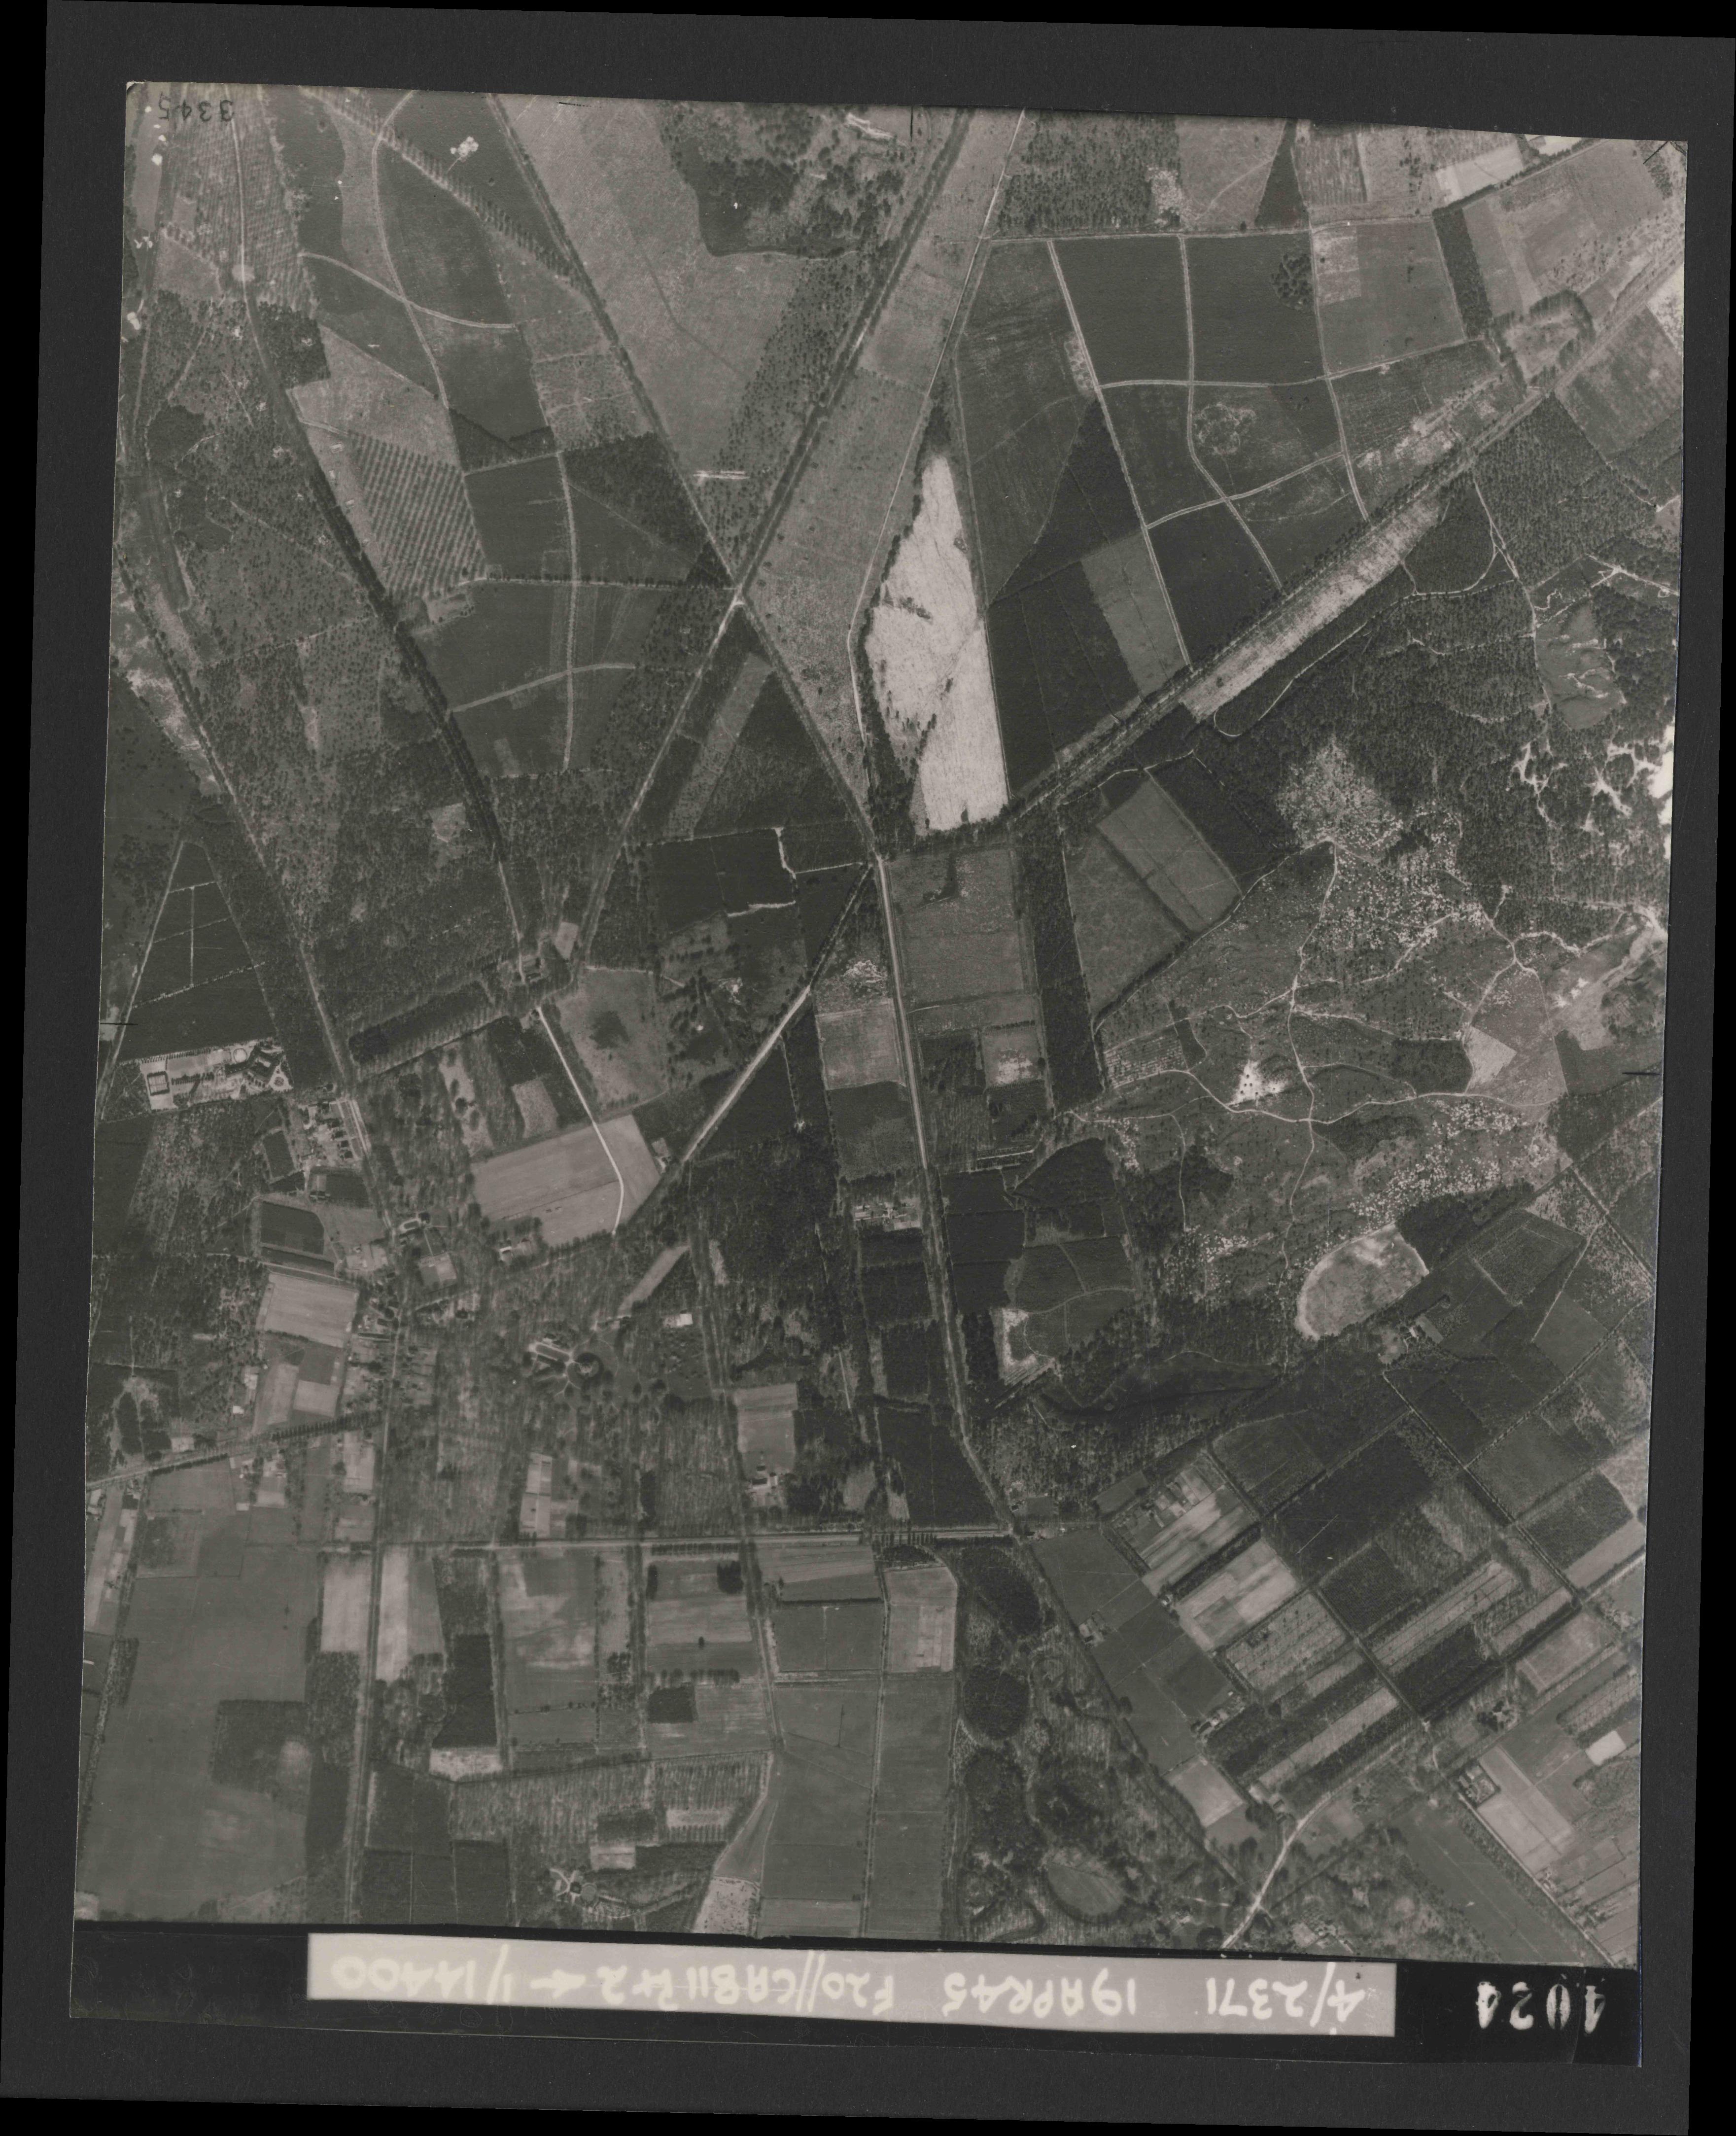 Collection RAF aerial photos 1940-1945 - flight 305, run 02, photo 4024